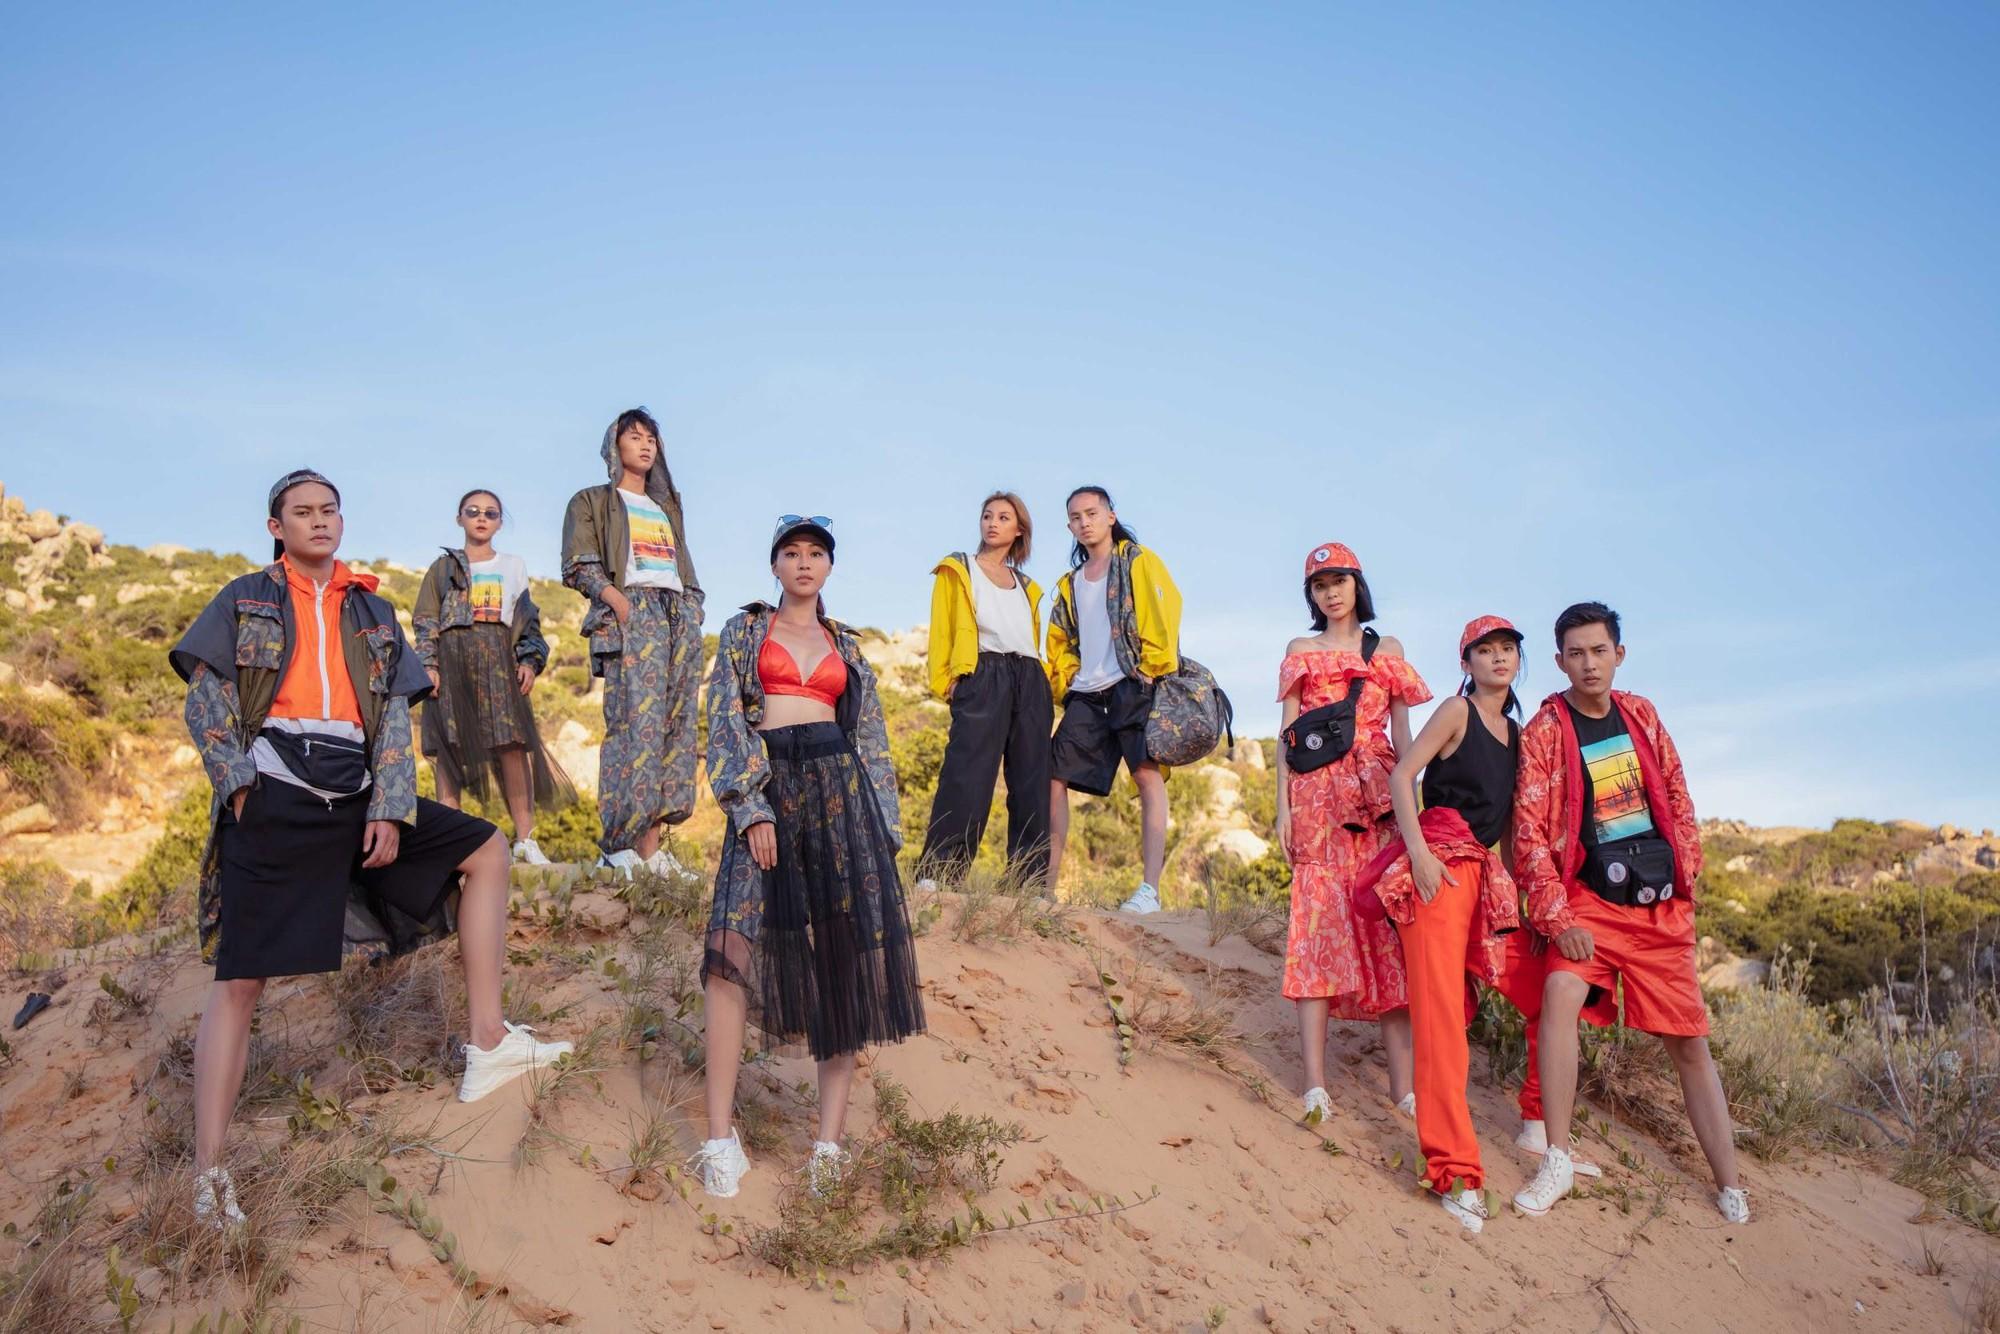 Cư dân mạng xôn xao về fashion film đẹp như mơ kỉ niệm hành trình 10 năm của Couple TX - Ảnh 6.